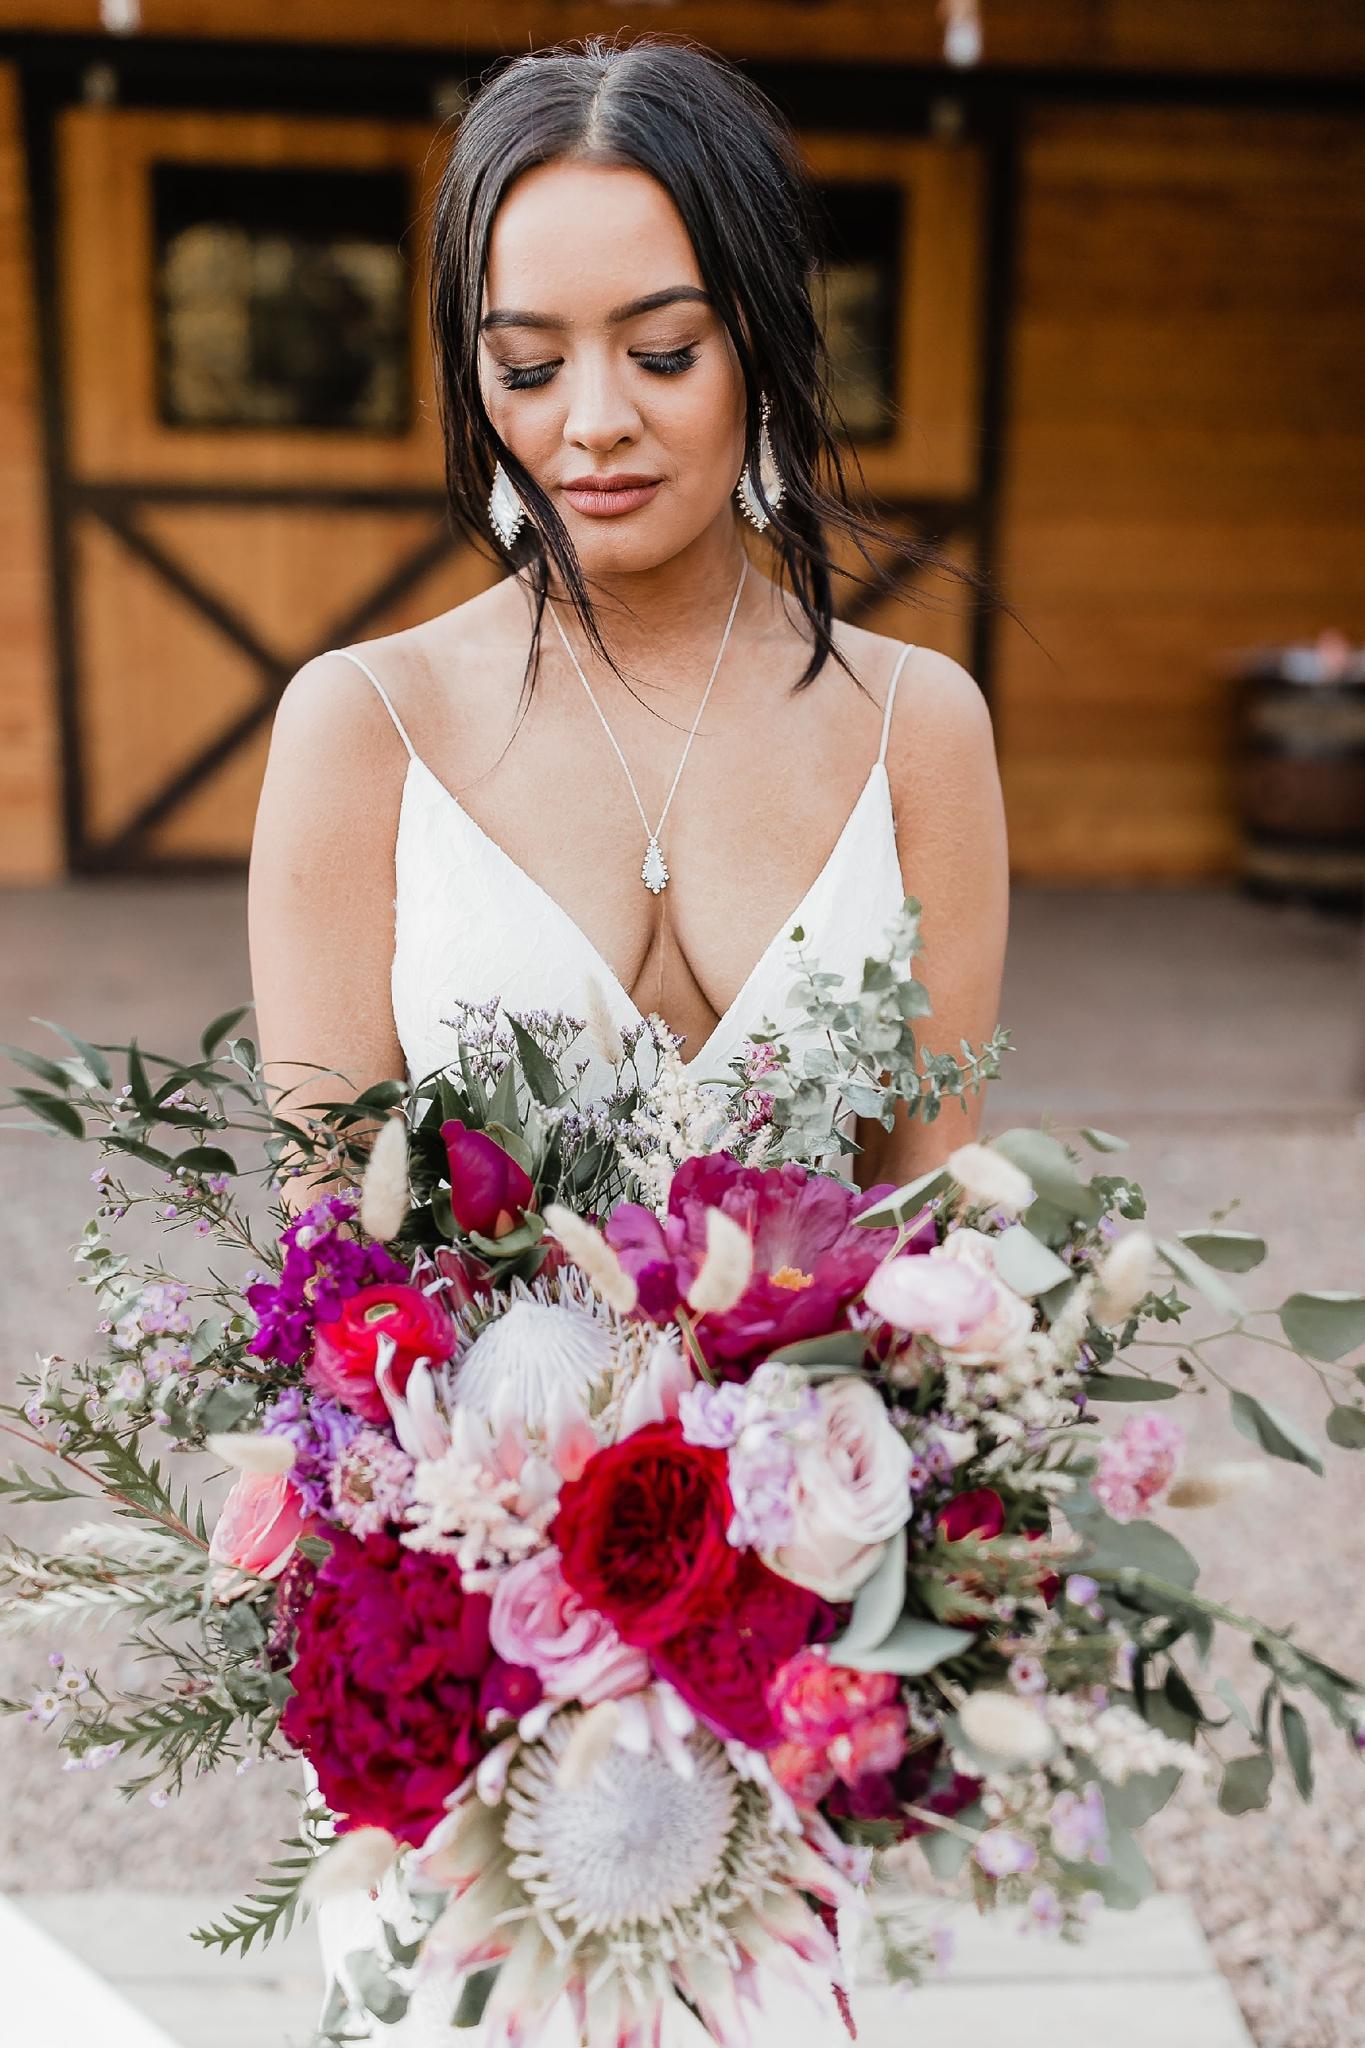 Alicia+lucia+photography+-+albuquerque+wedding+photographer+-+santa+fe+wedding+photography+-+new+mexico+wedding+photographer+-+new+mexico+wedding+-+summer+wedding+-+summer+wedding+florals+-+southwest+wedding_0016.jpg